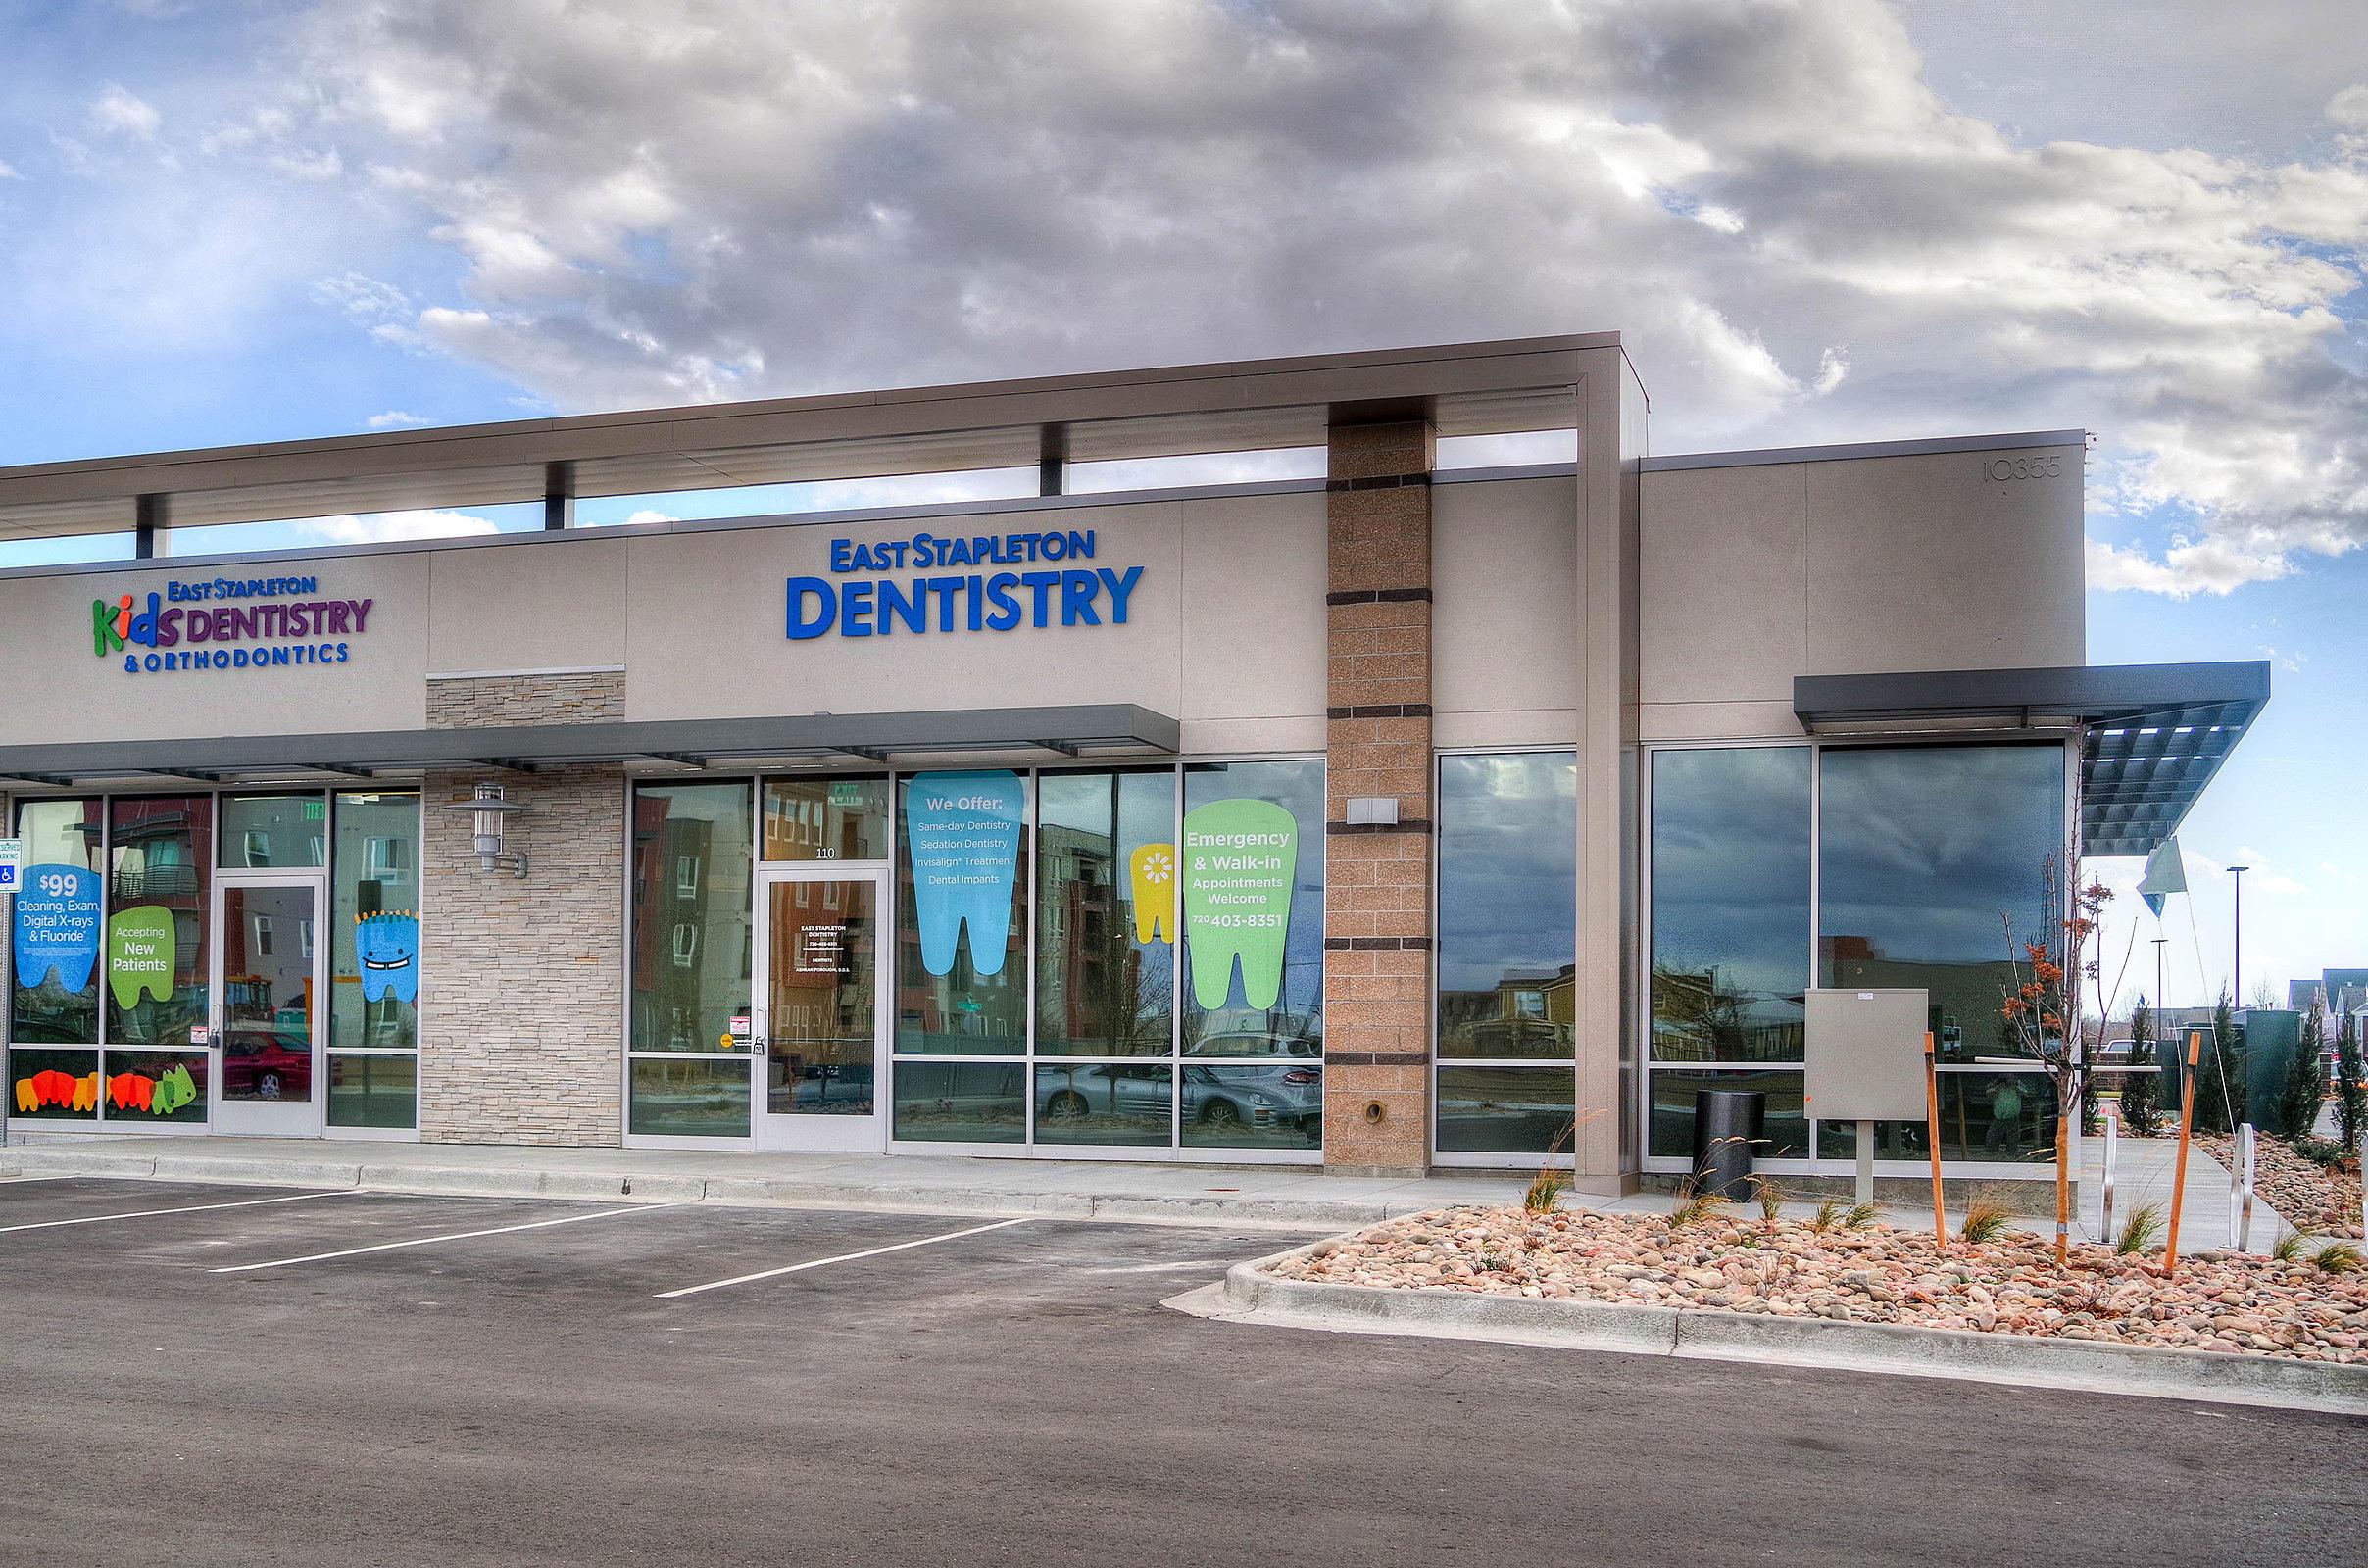 East Stapleton Dentistry image 1